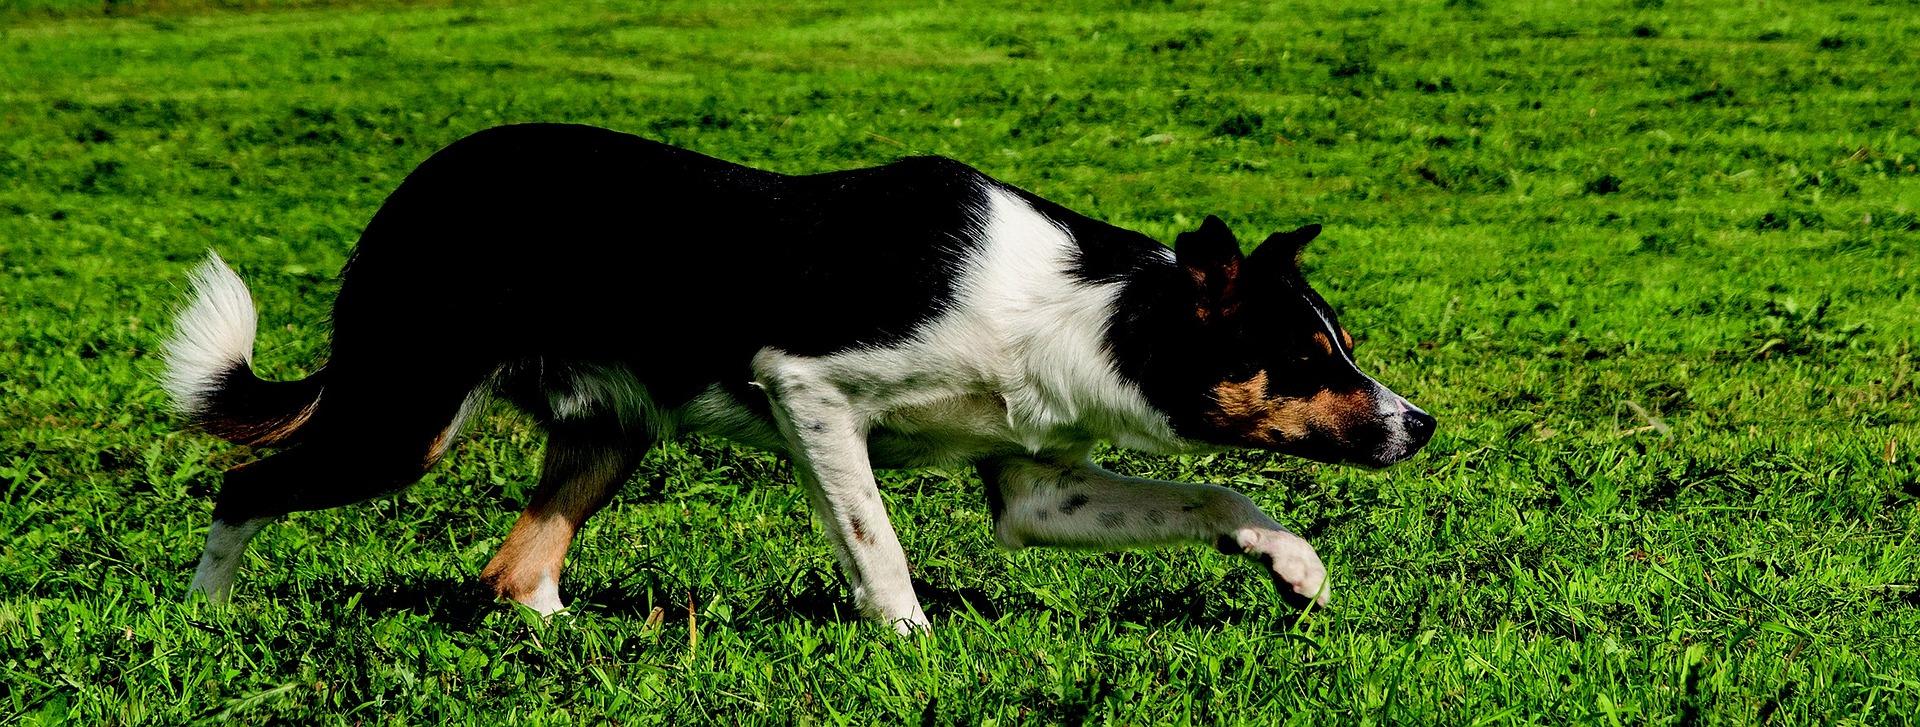 Border collie należą do psów pasterskich i zaganiających. Takie zachowania mają wpisane w geny, co trzeba wziąć pod uwagę decydując się na psa tej rasy.